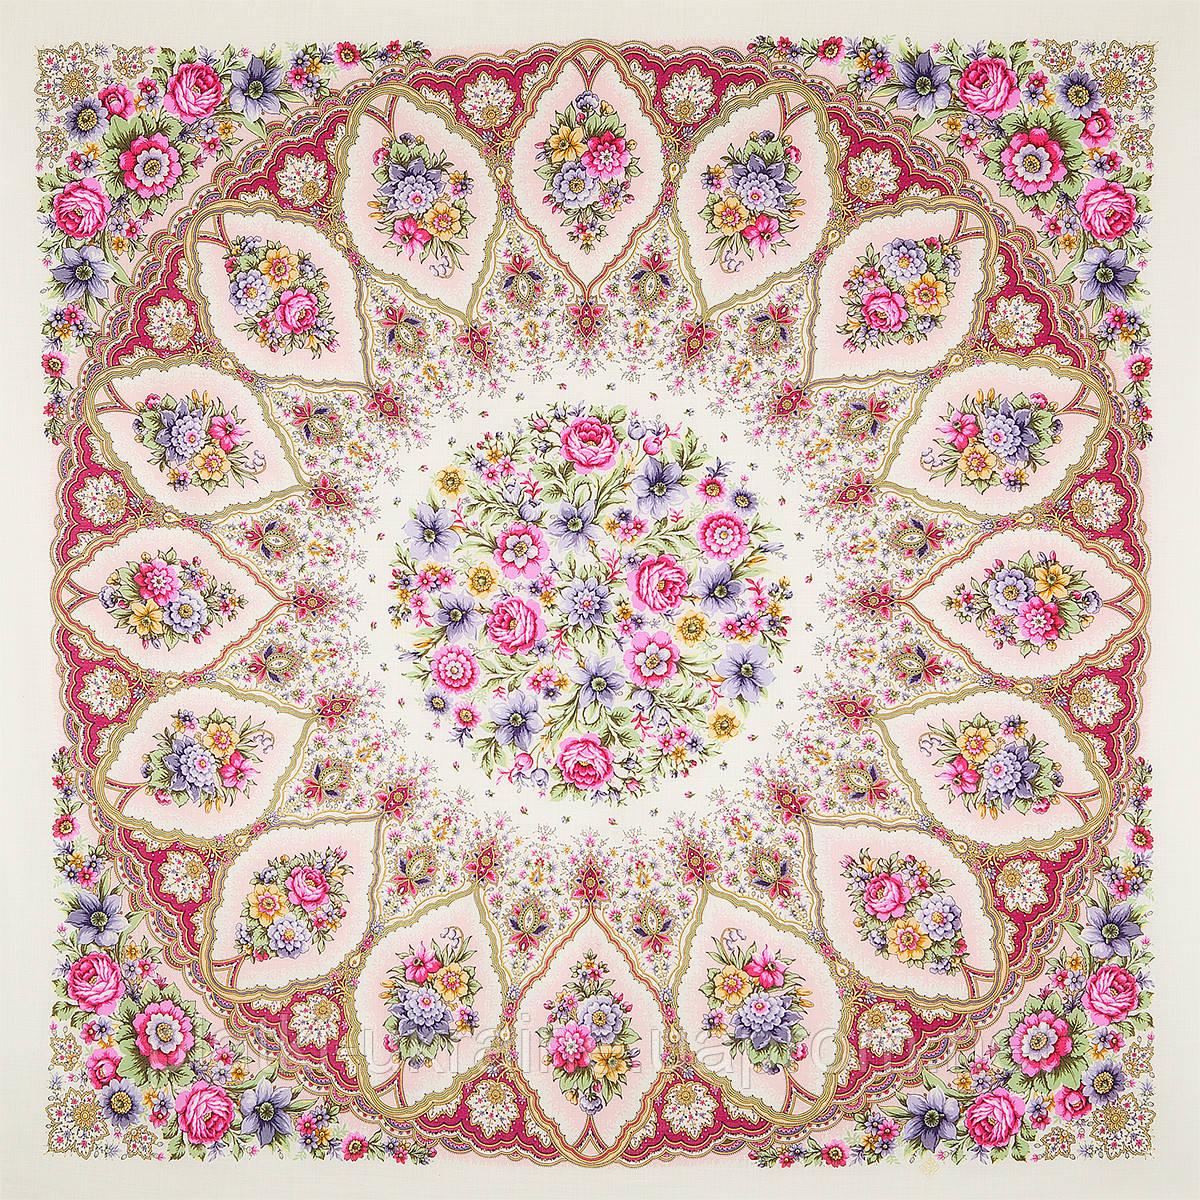 """Платок шерстяной с шелковой бахромой """"Снежинки и цветы"""", вид 3, 146x146 см"""